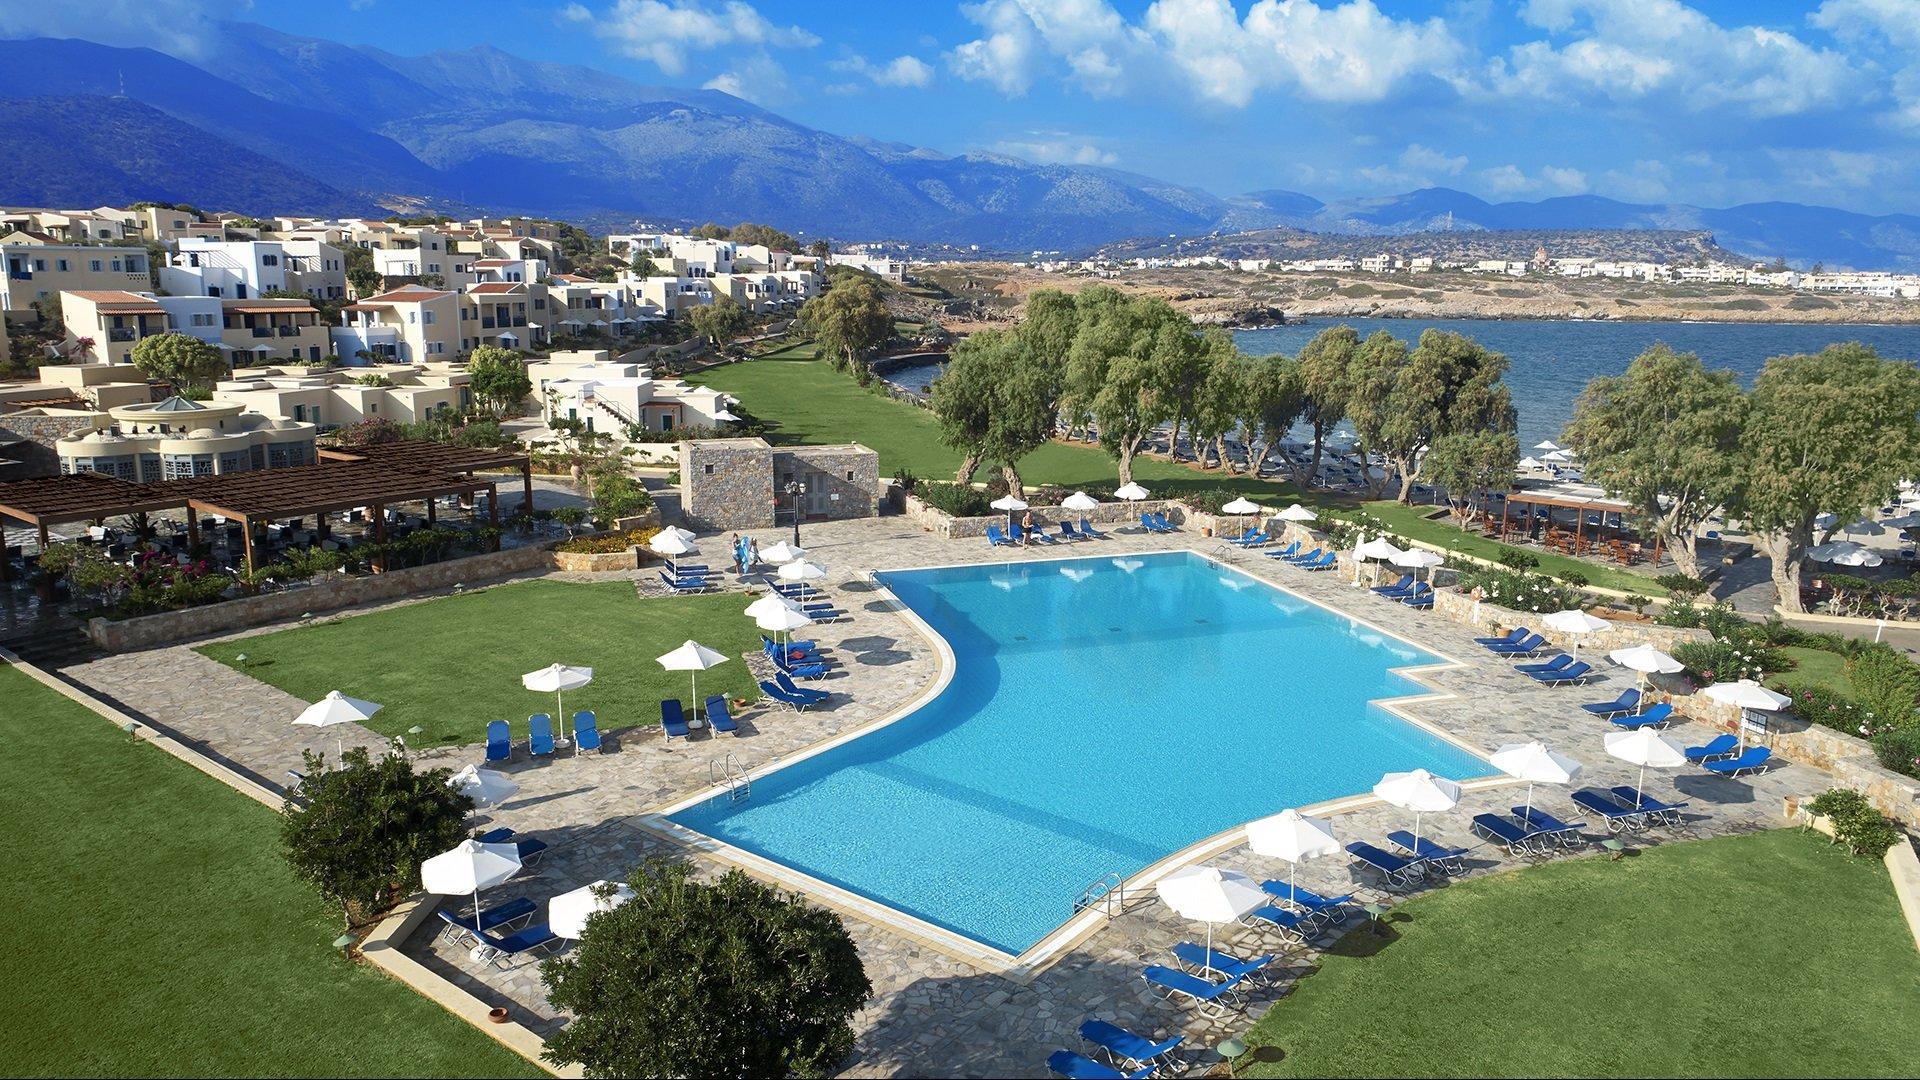 Hotel Kalimera Kriti & Village Resort